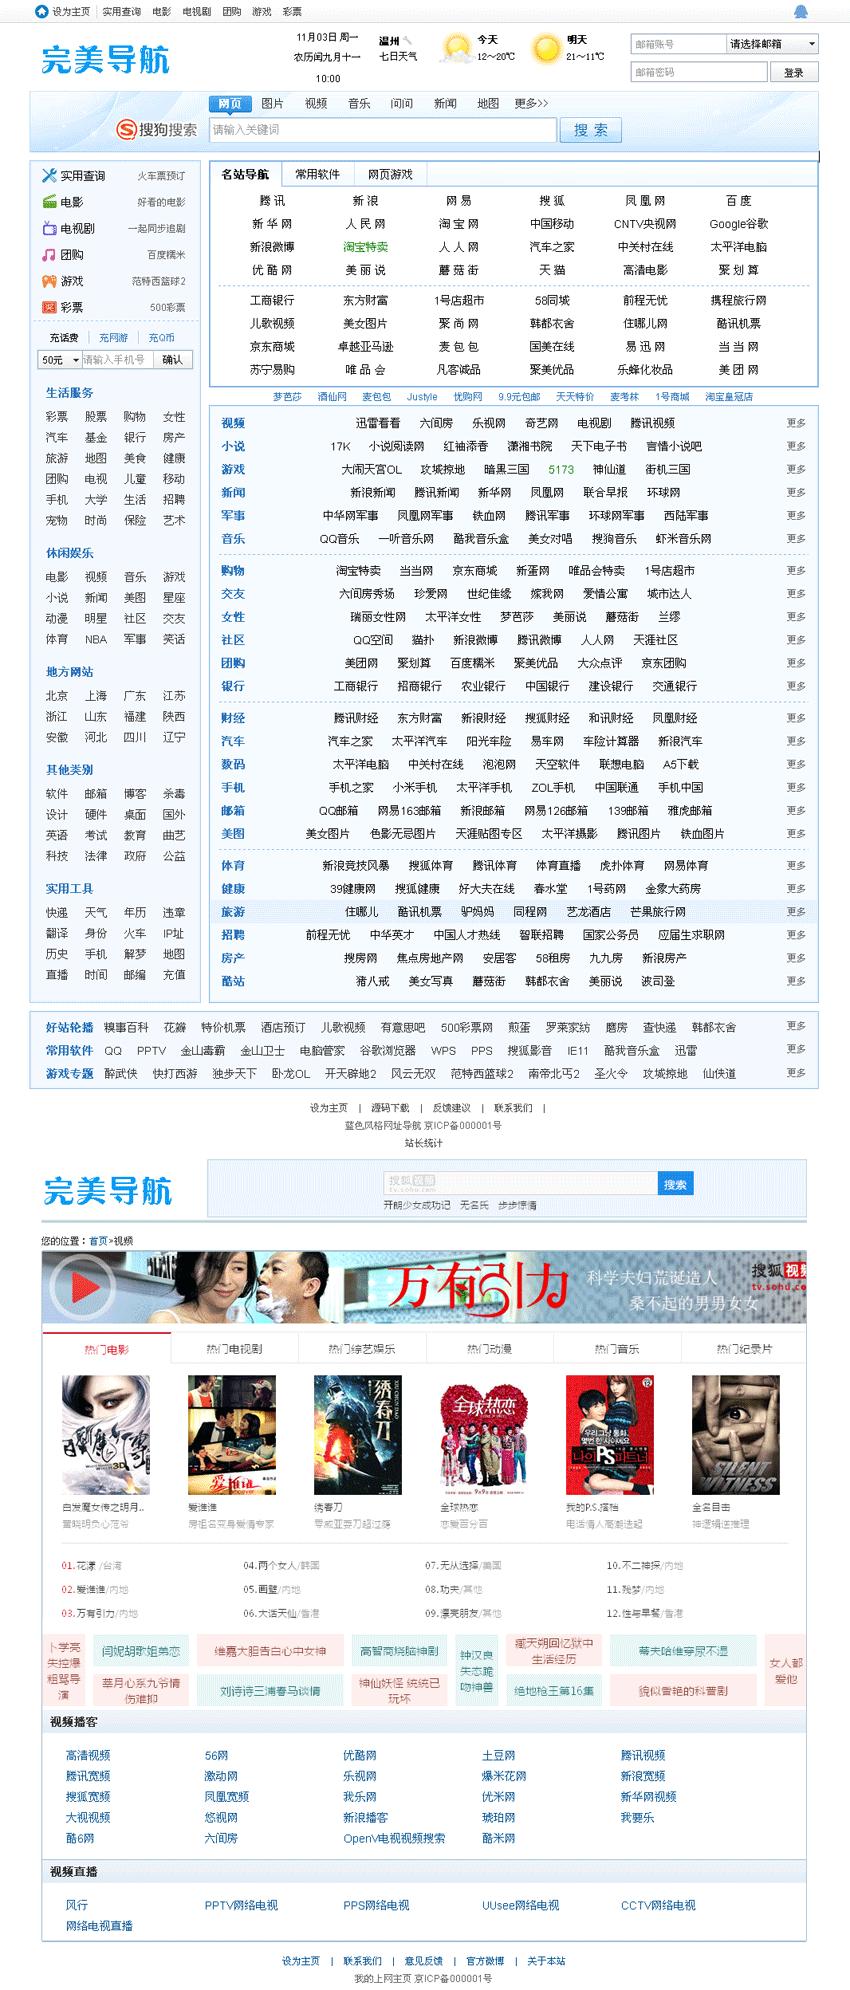 音乐下载网站 网站源码 下载(下载了网站源码) (https://www.oilcn.net.cn/) 综合教程 第5张